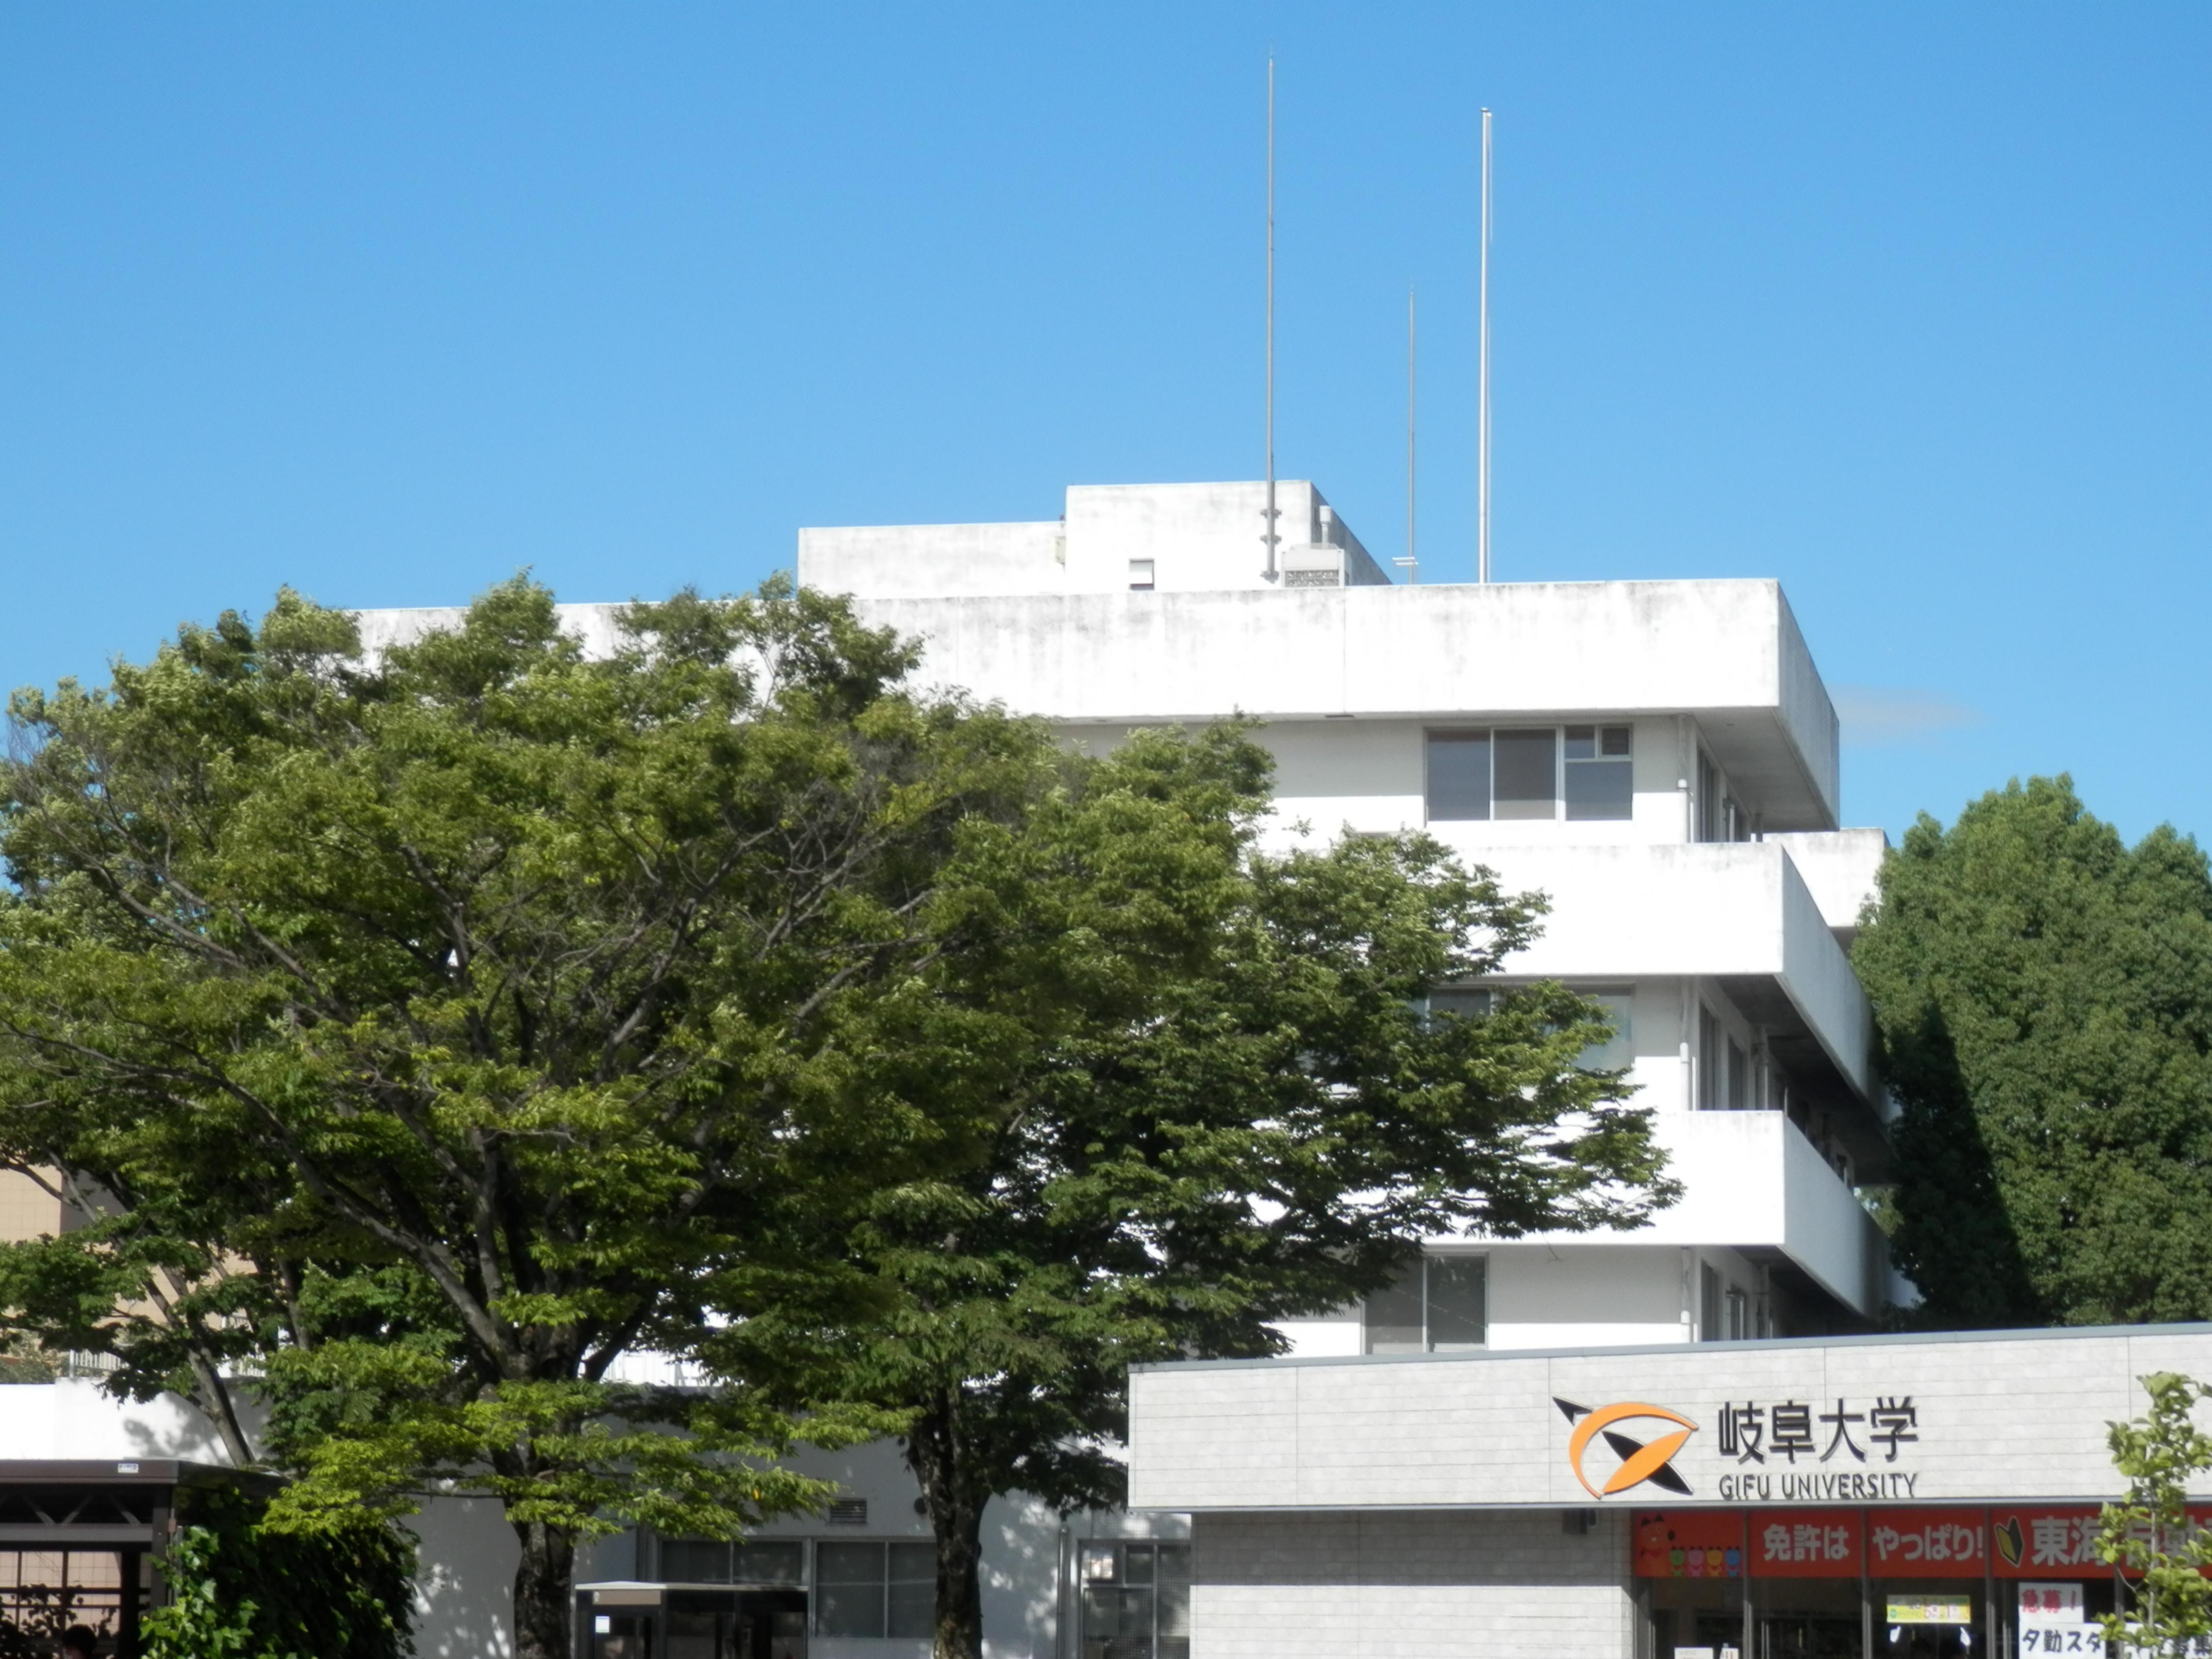 大学・短大:国立岐阜大学 400m 近隣